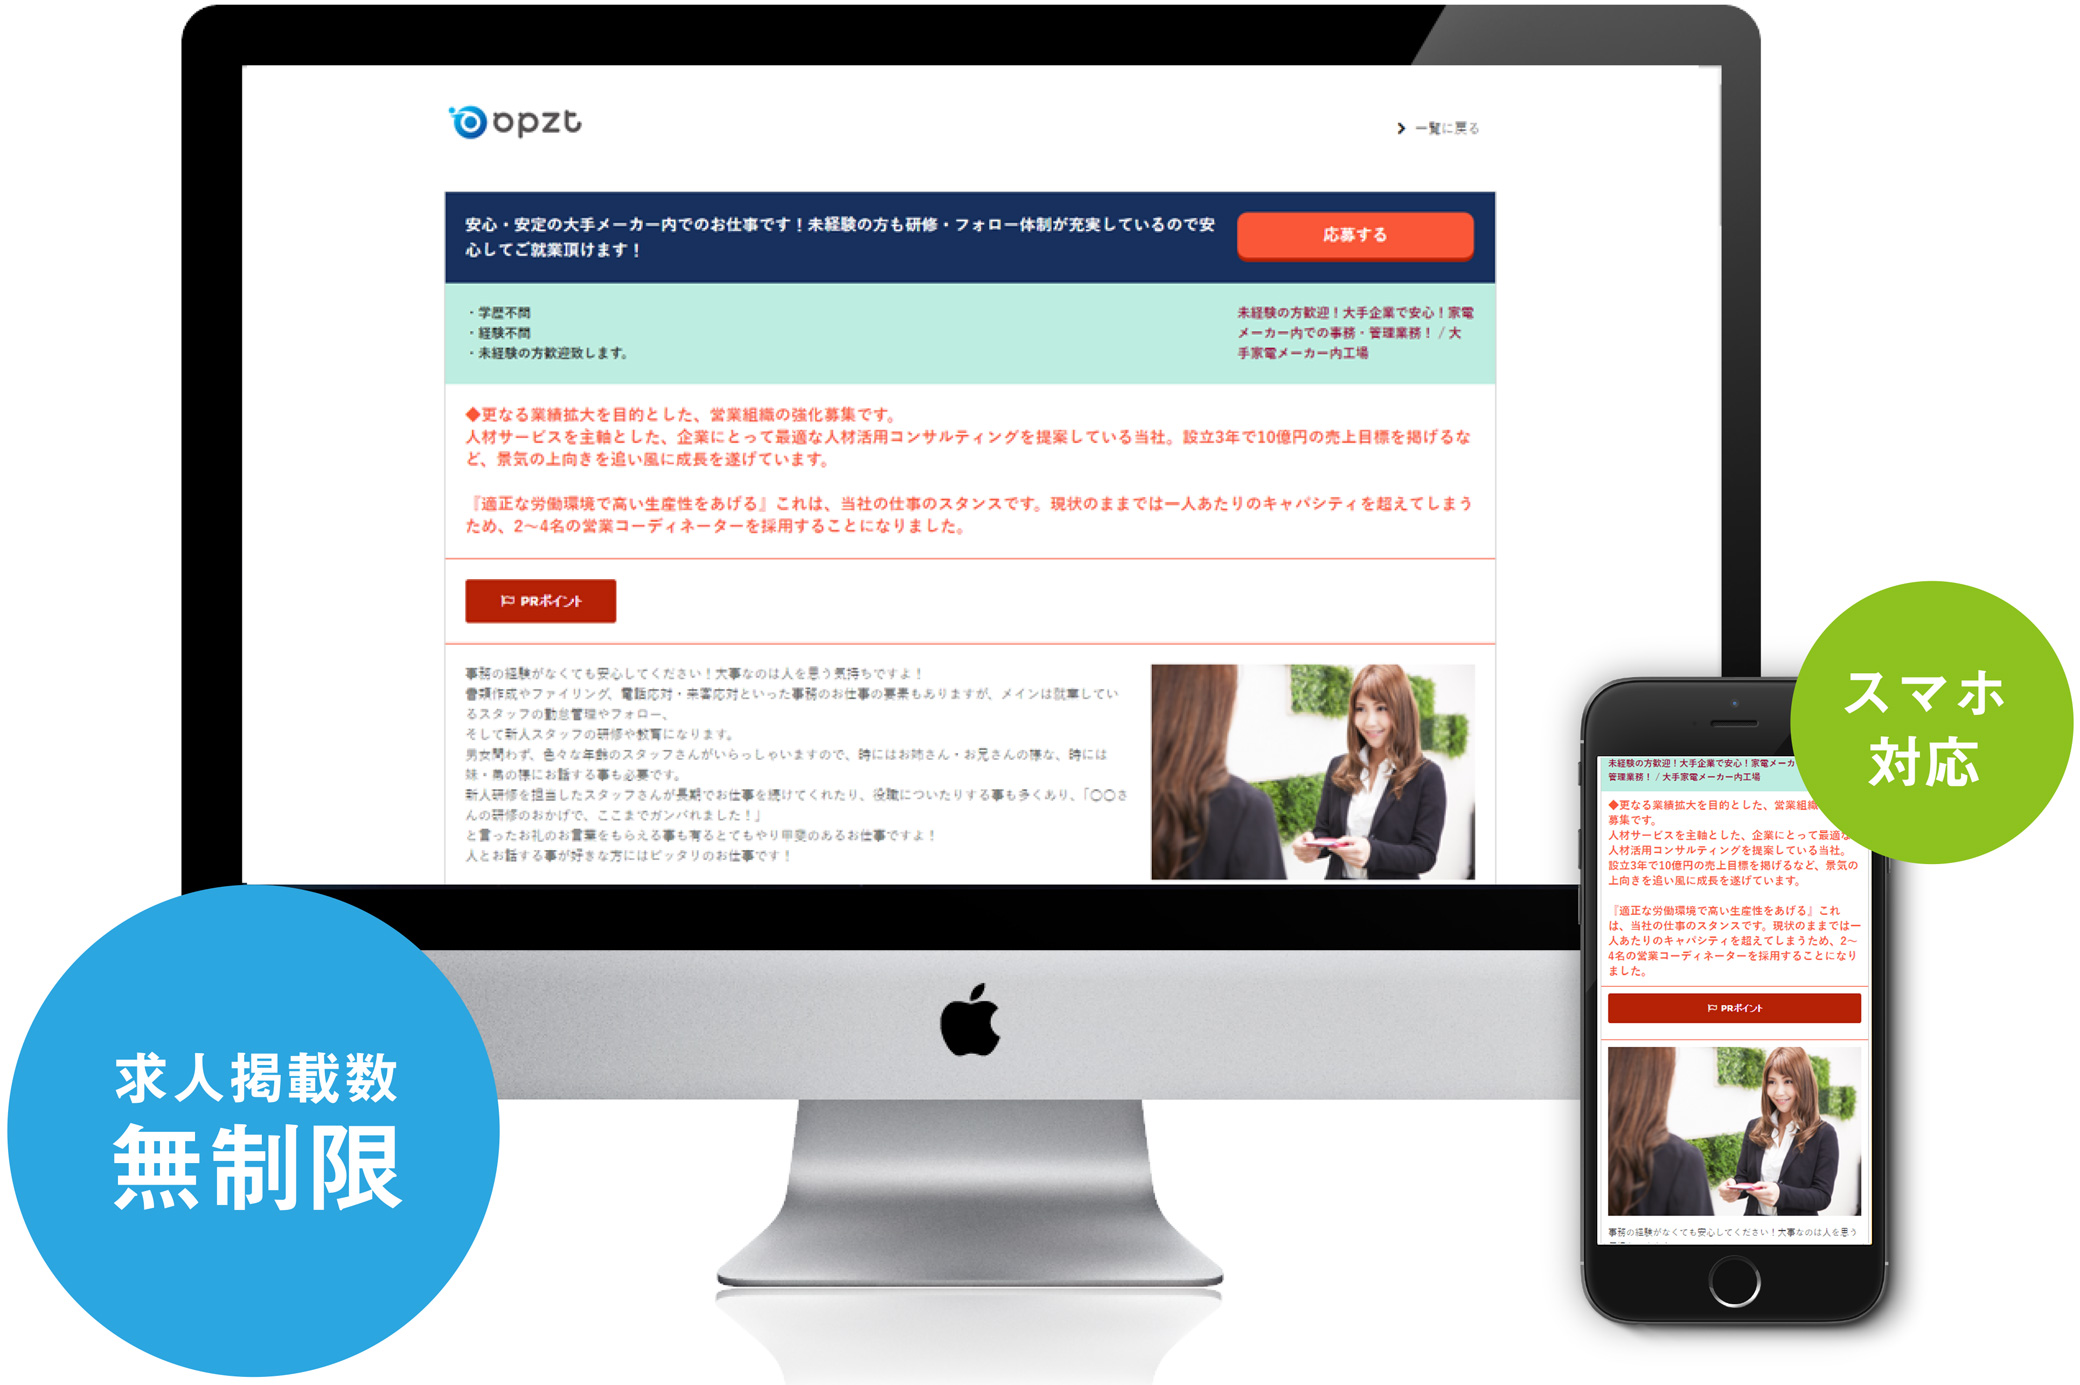 自社採用サイト構築システム 自社求人サイト制作